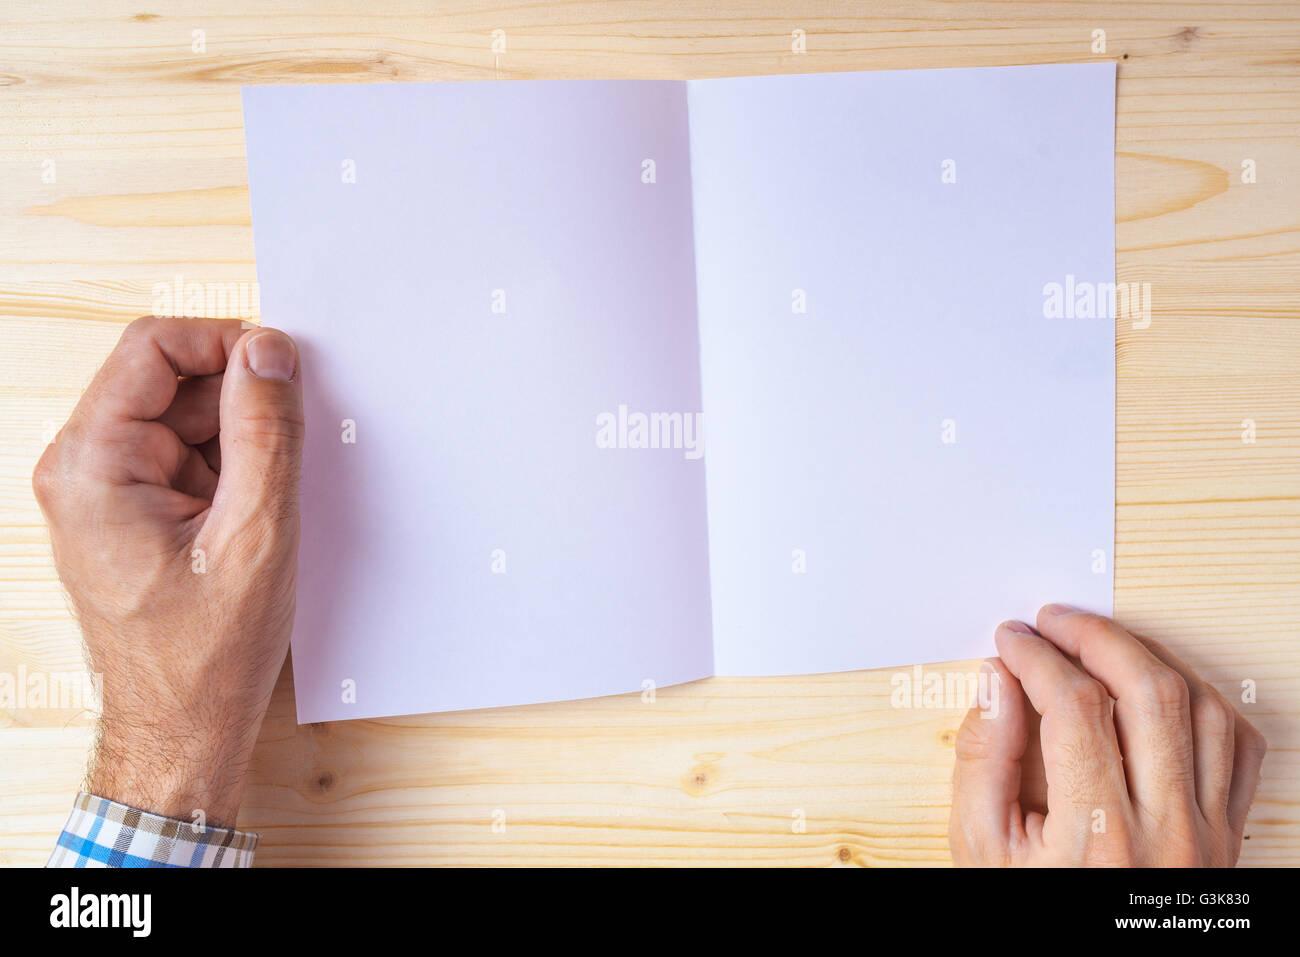 Man holding blank brochure comme copie la maquette de l'espace pour la conception graphique ou de positionnement Photo Stock